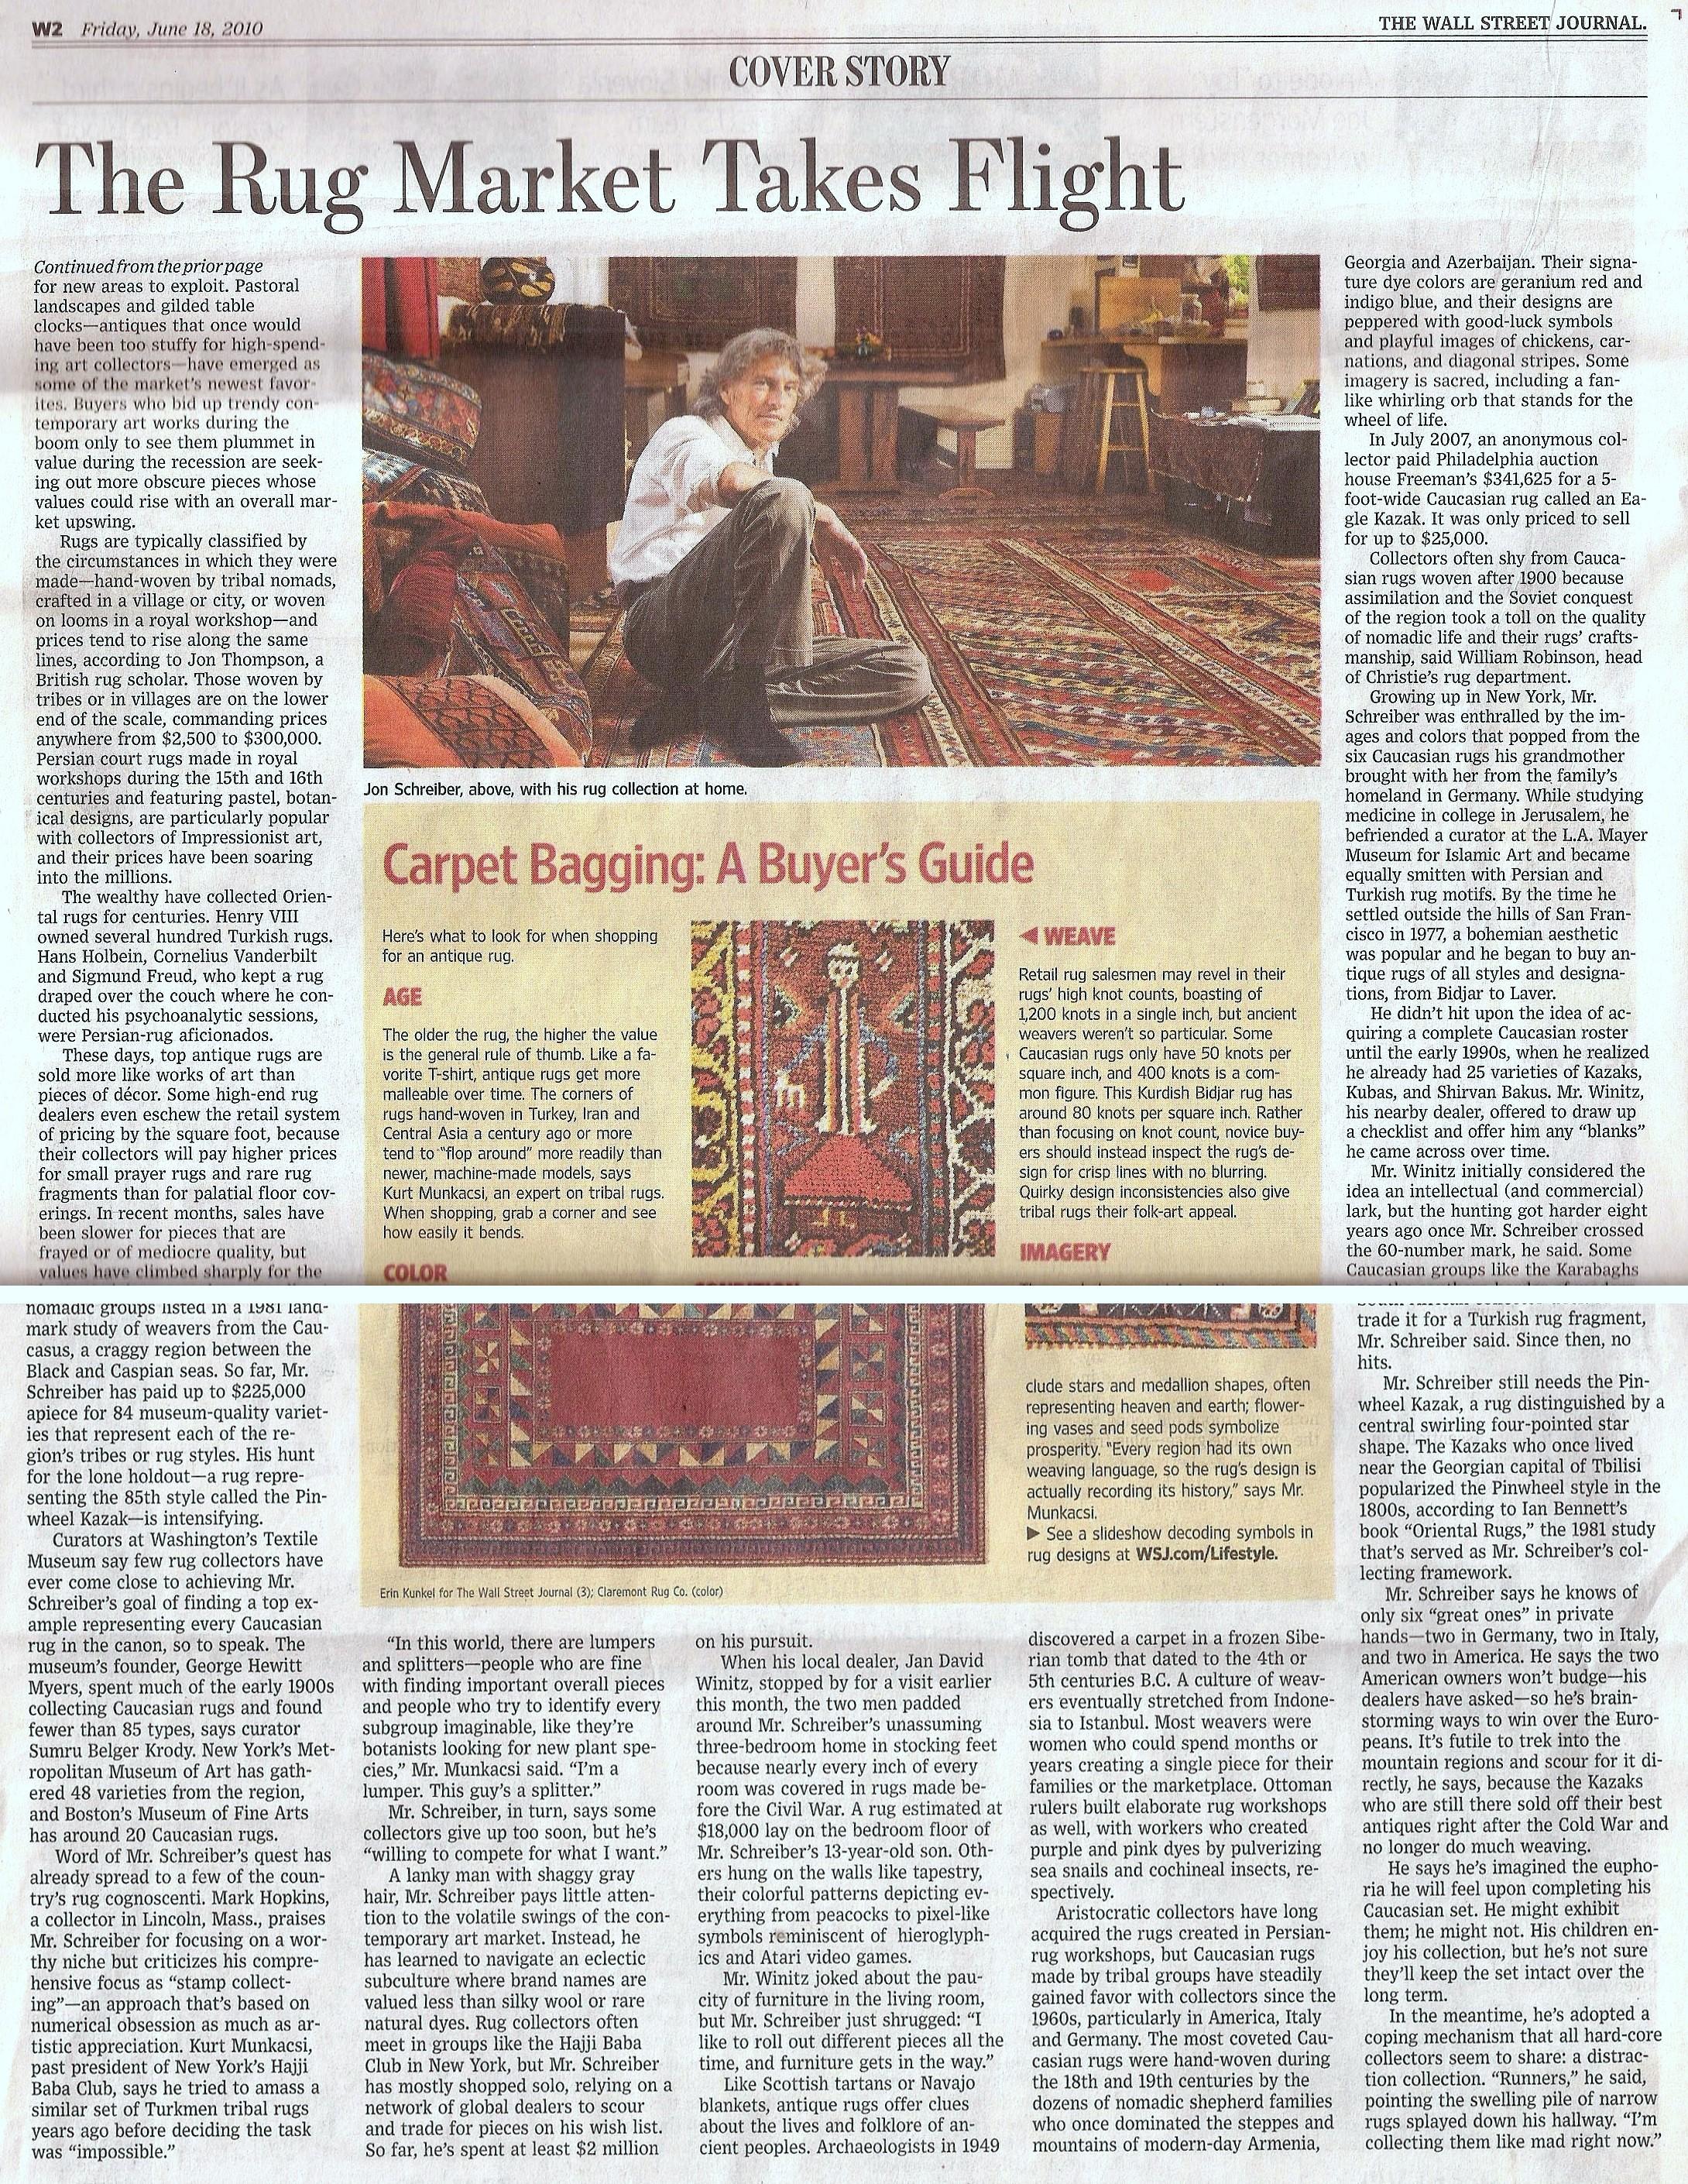 Wall Street Journal, June 2010